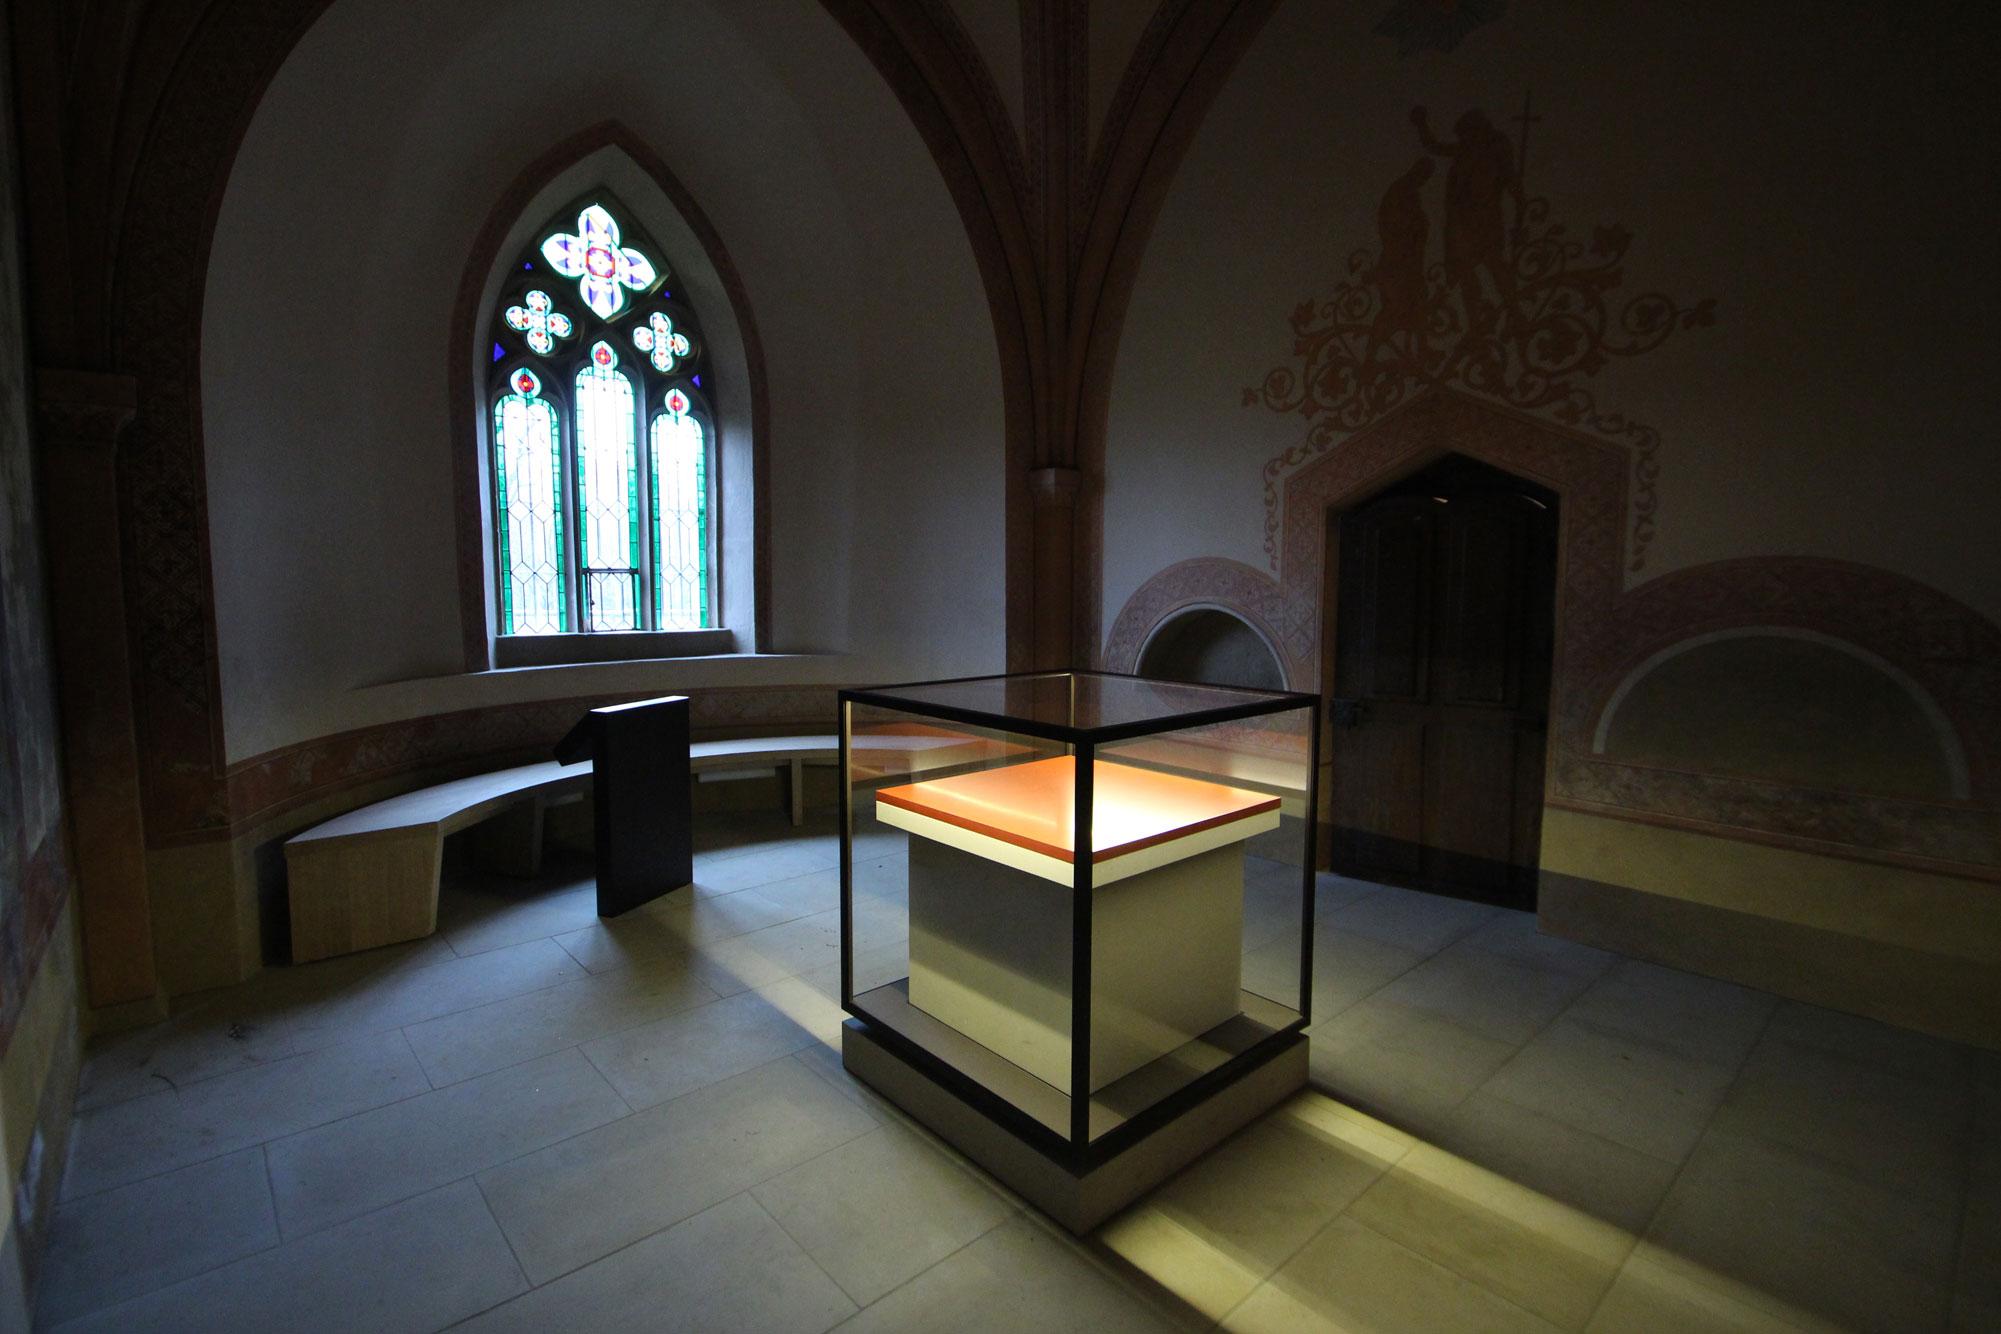 von GROTE Ausstellungsgestaltung und Design / Kloster Loccum